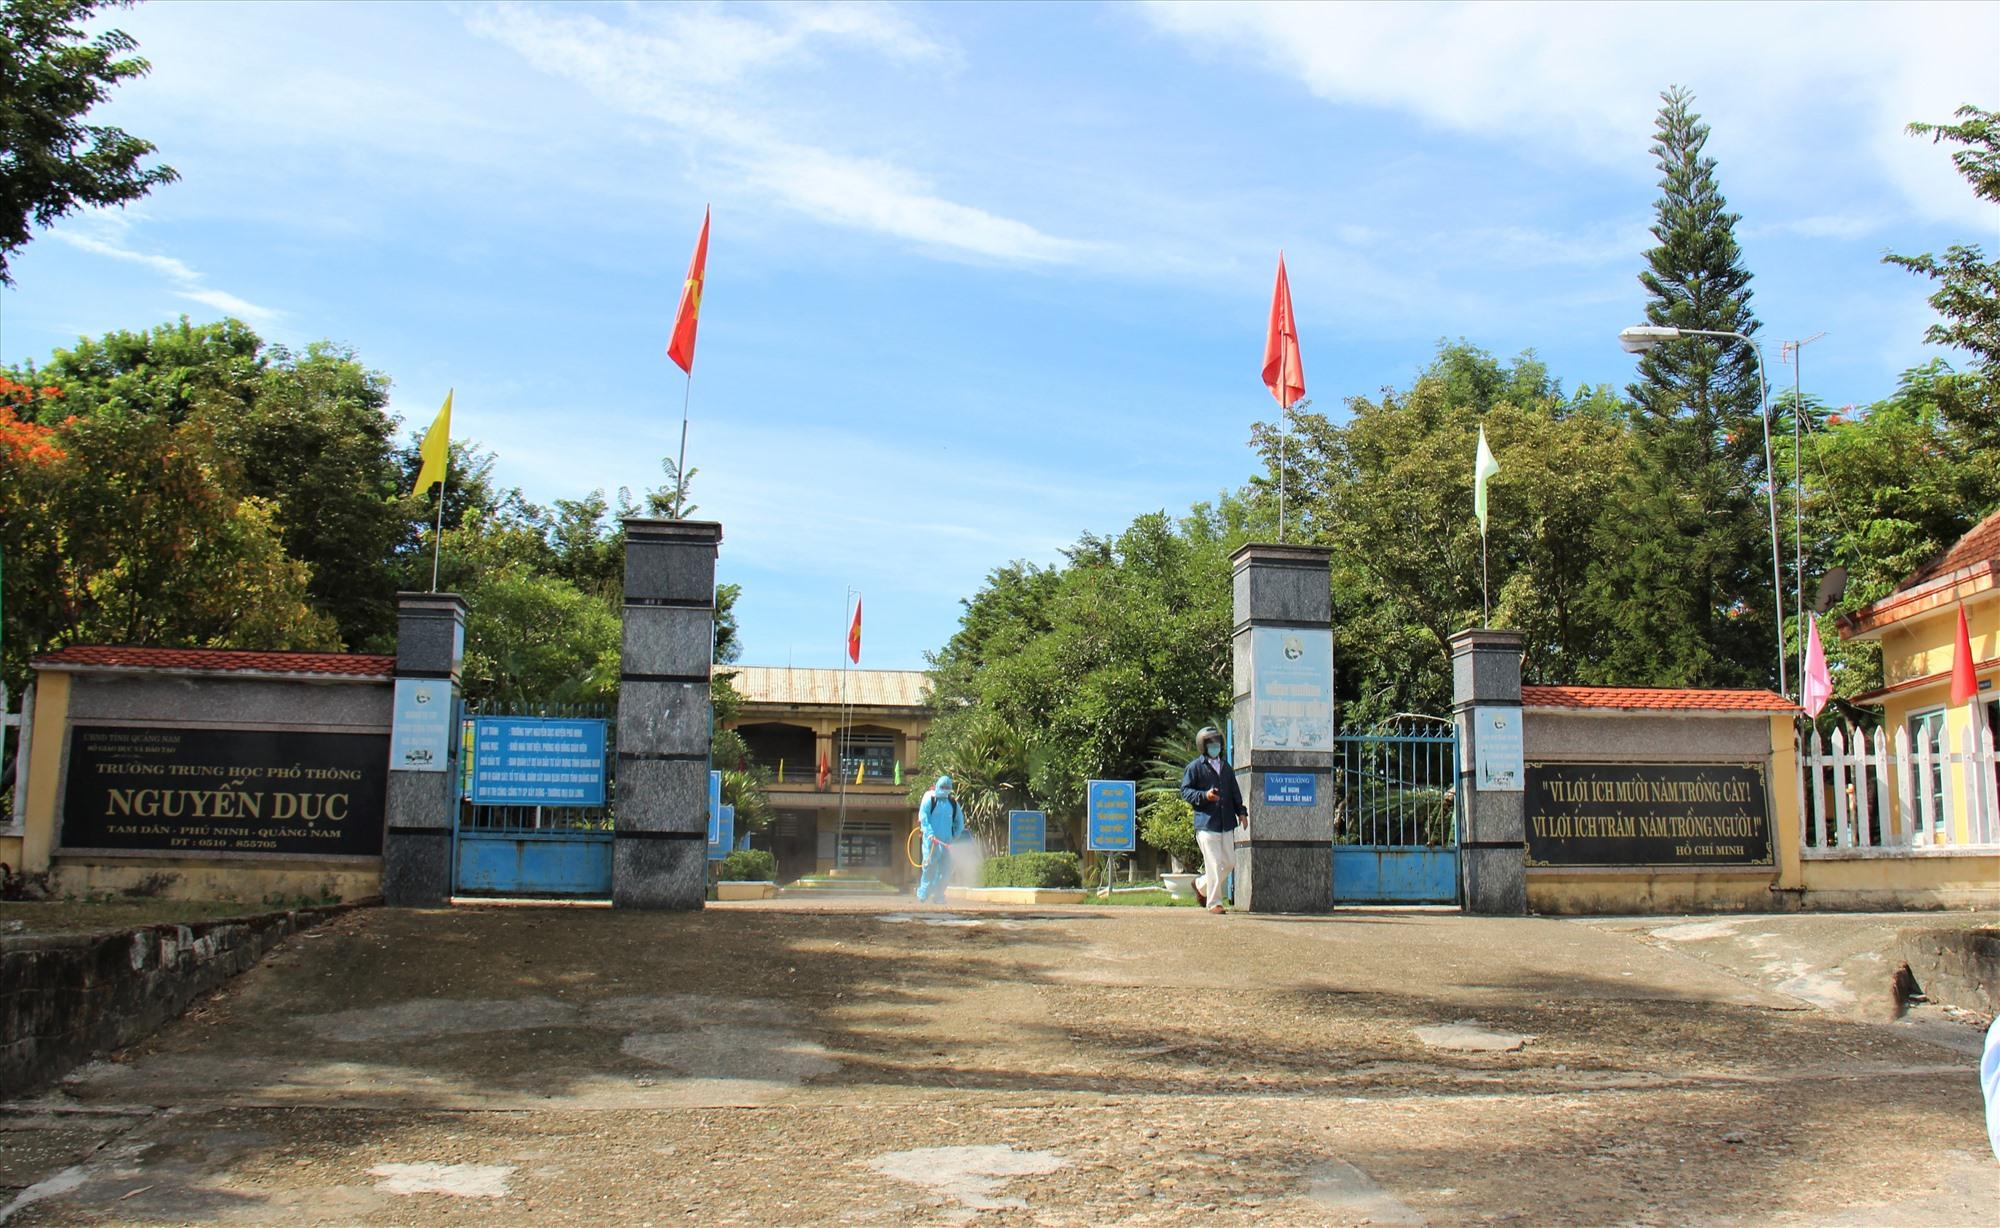 Trường THPT Nguyễn Dục. Ảnh: THANH THẮNG